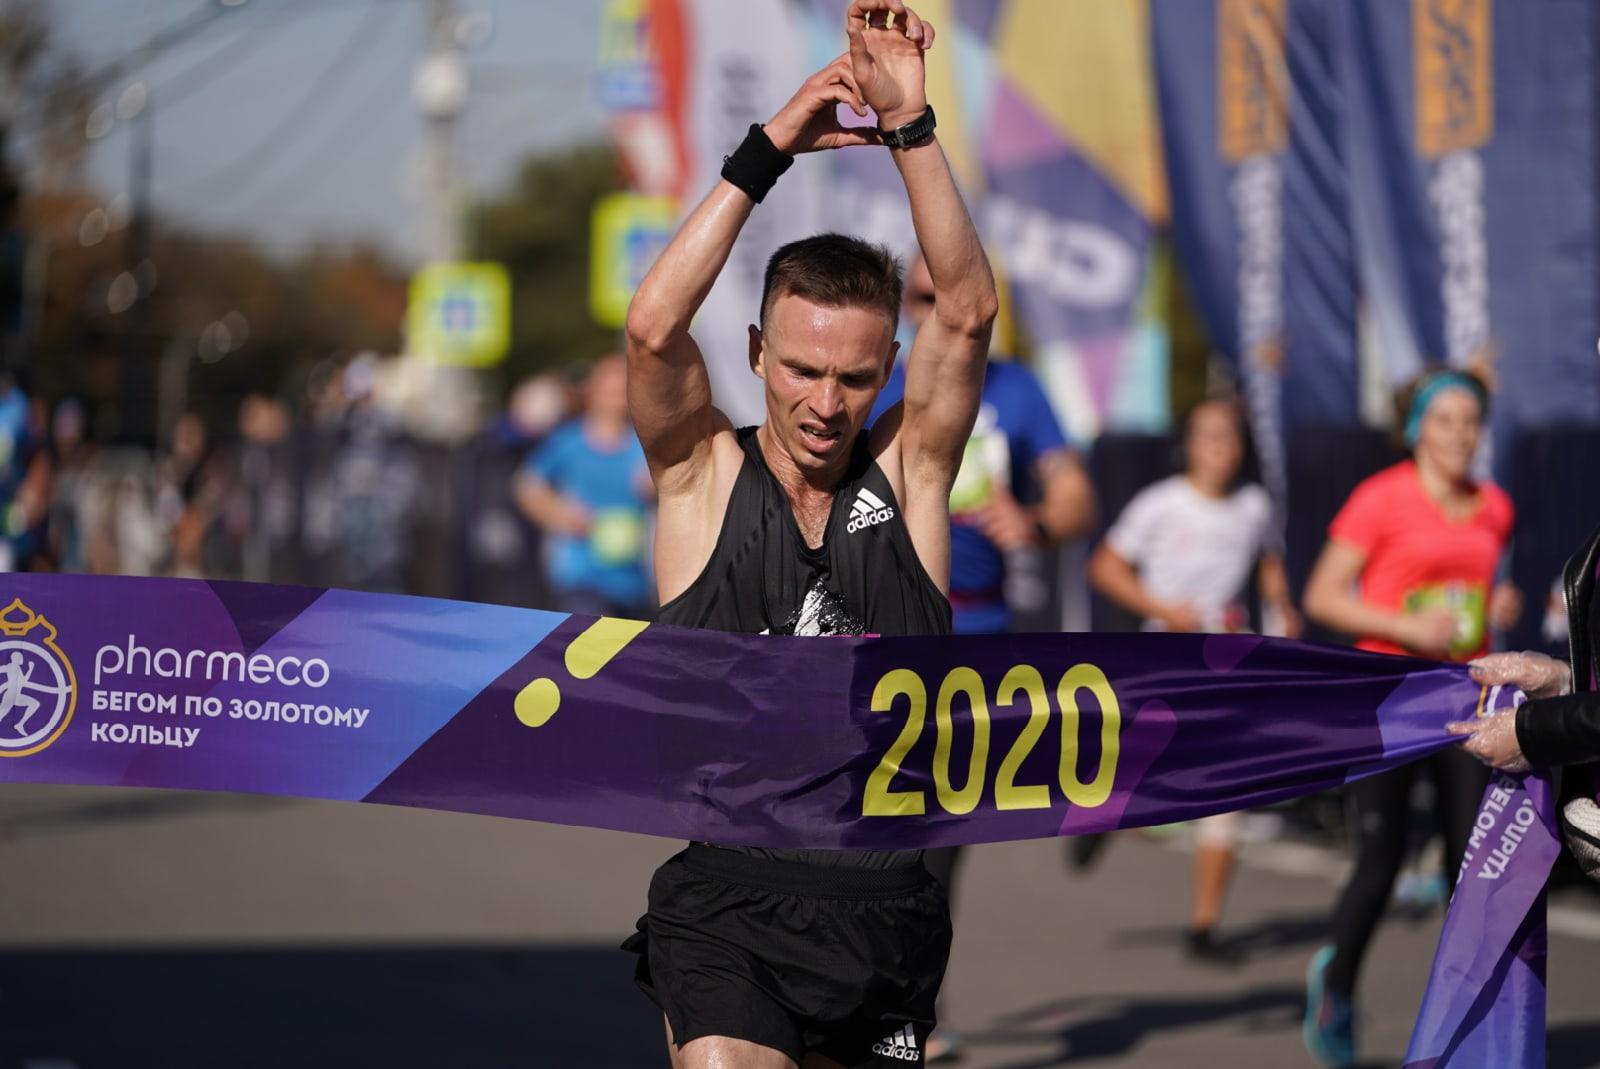 На полумарафоне «Бегом по Золотому кольцу» установили рекорд России